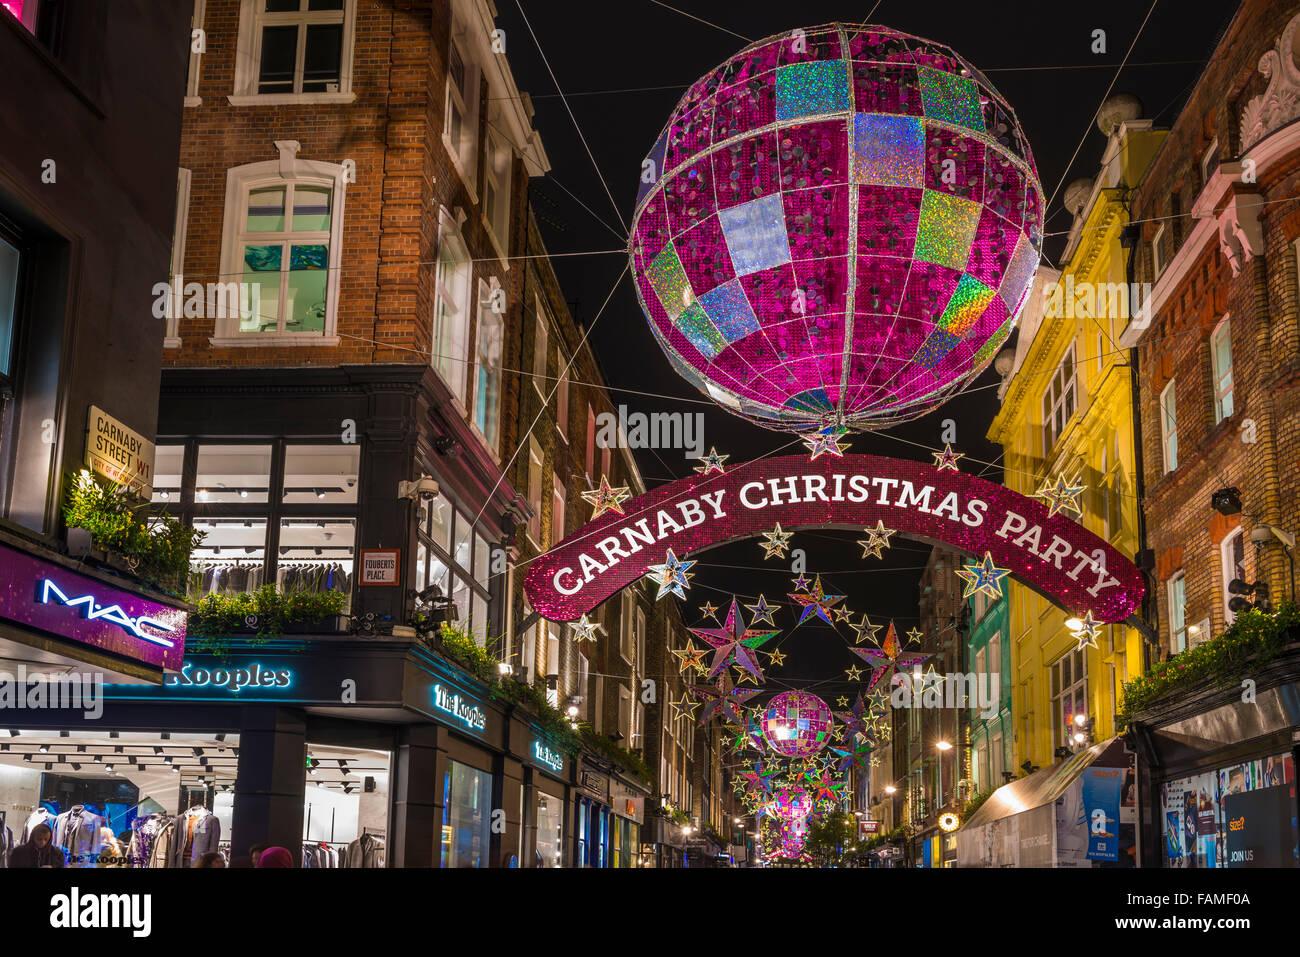 Weihnachtsbeleuchtung auf der Carnaby Street, London UK Stockfoto